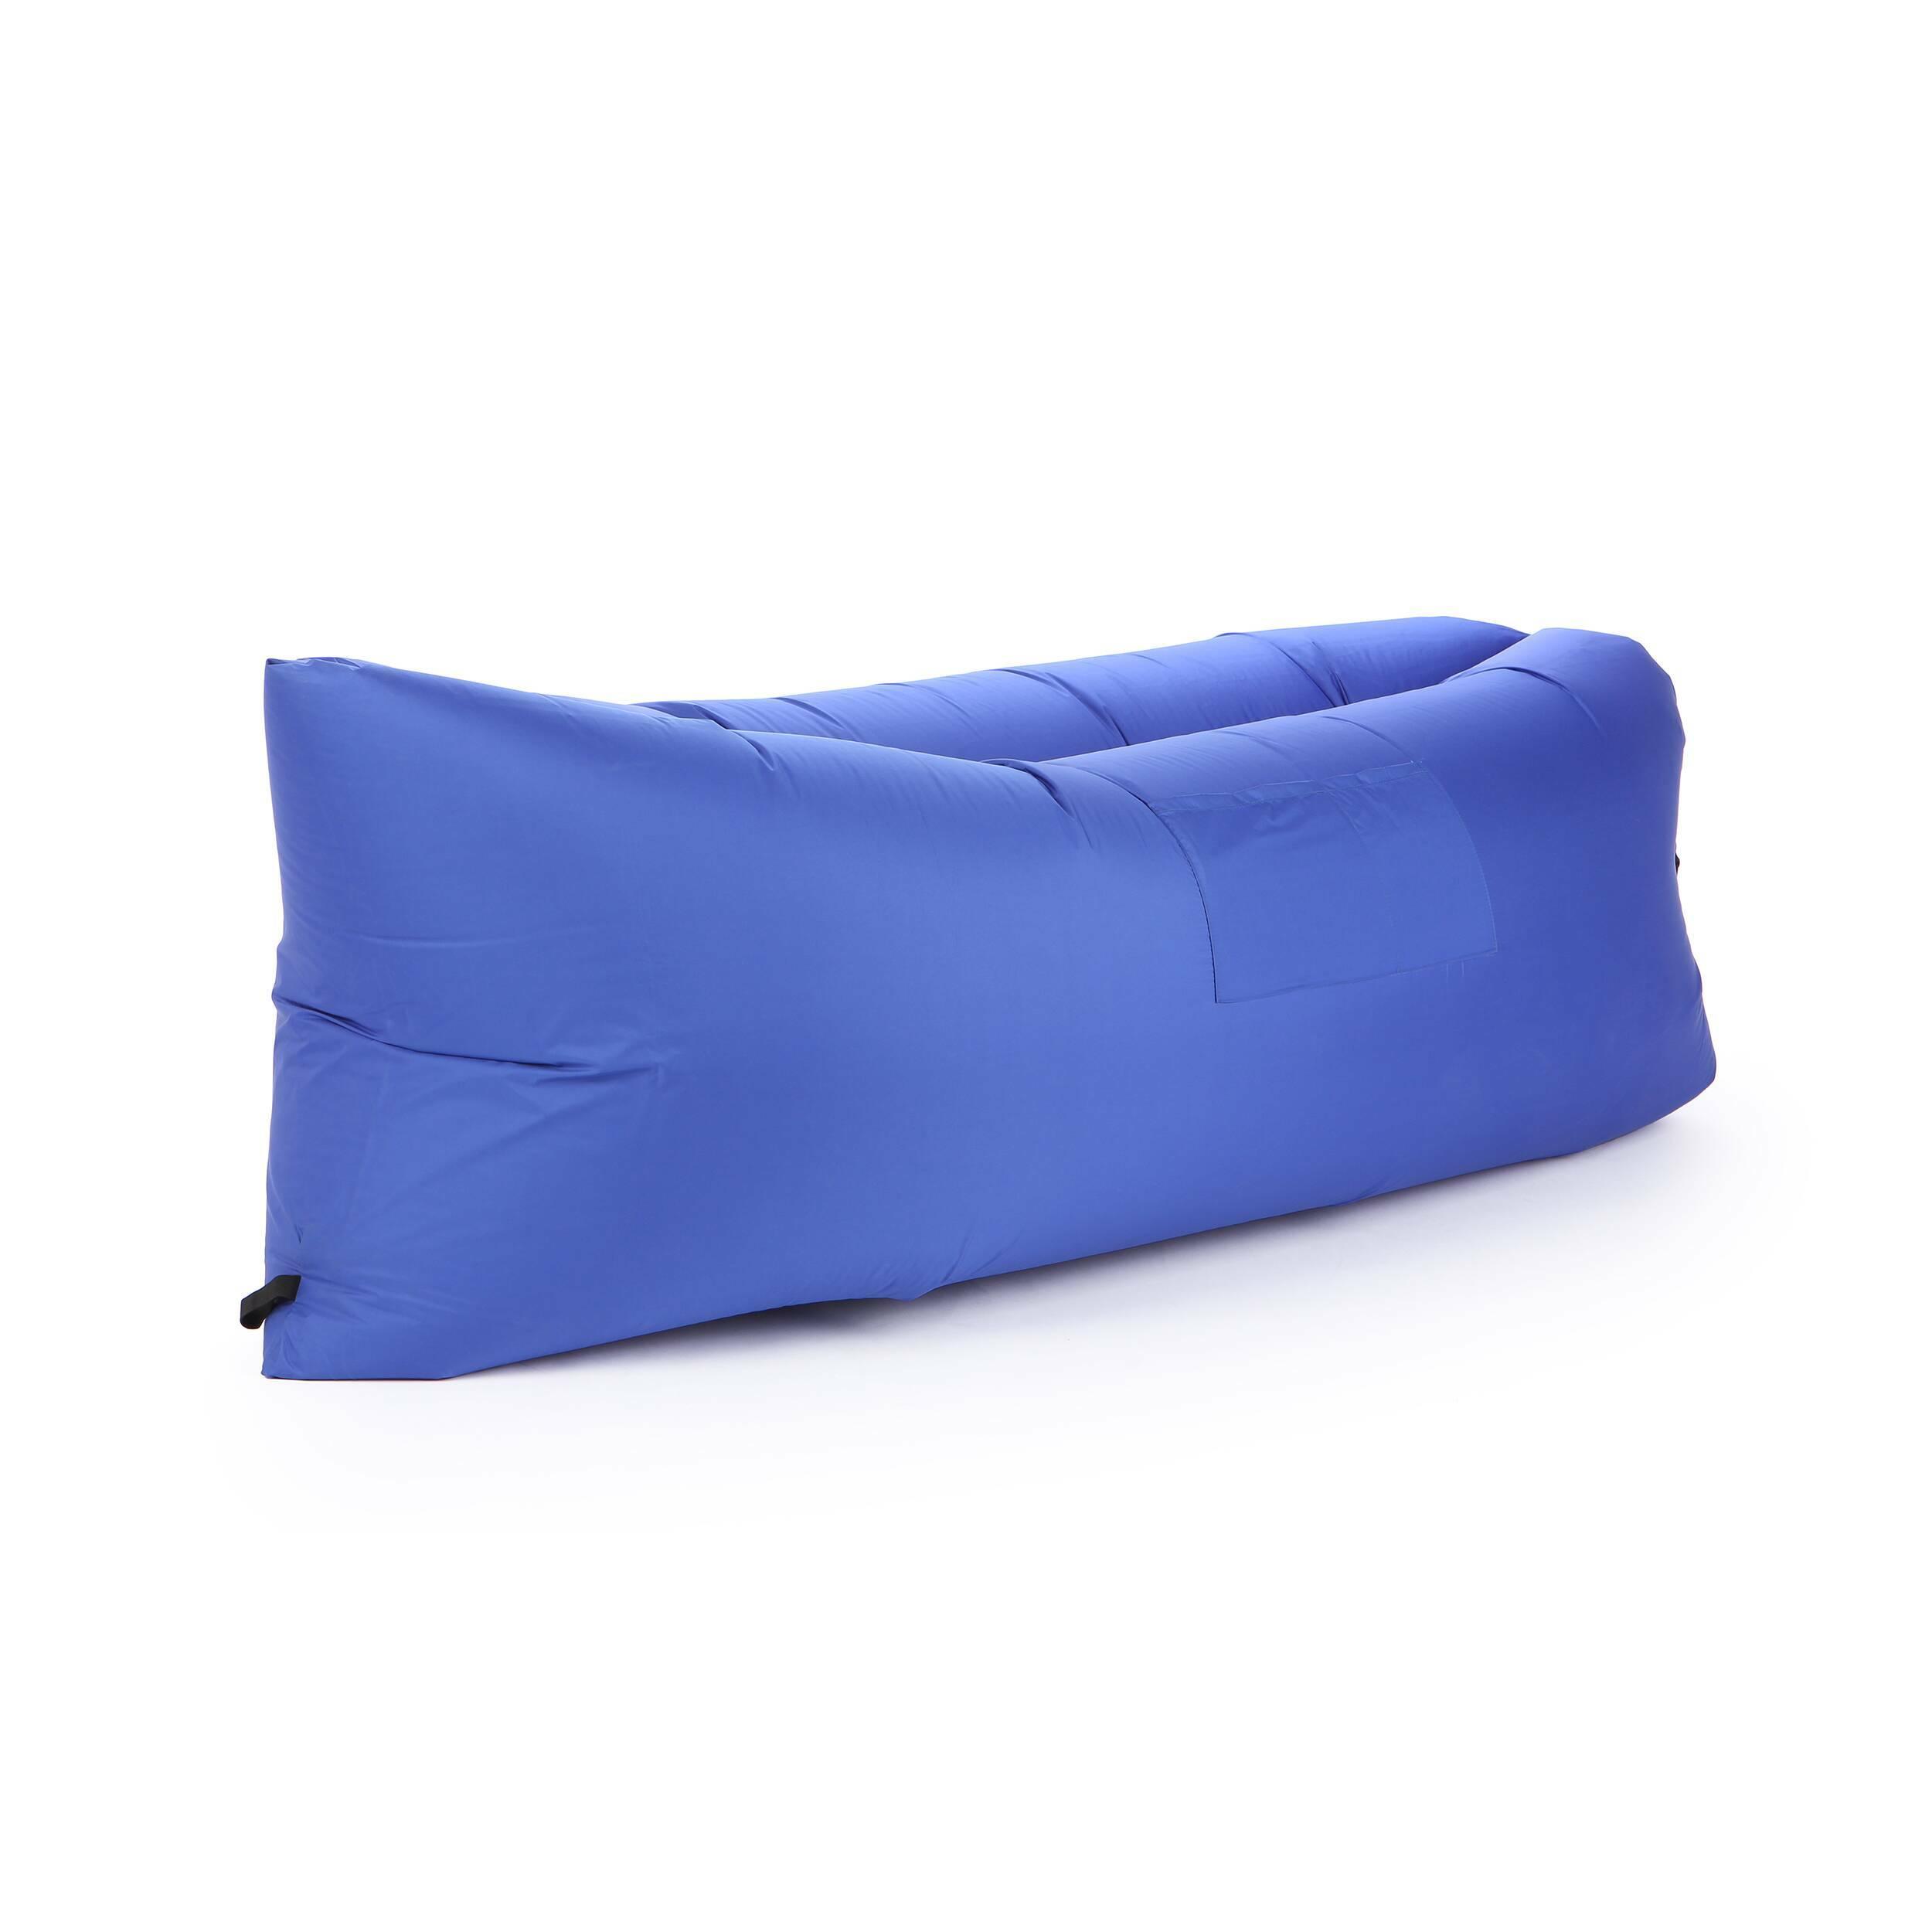 Надувной диван LamzacУличная мебель<br>Надувной диван Lamzac — удобный лежак на раз-два-три. Дома, на даче, в любой туристической поездке и даже в простом походе в ближайший парк надувной диван — незаменимый портативный лежак за три секунды.<br><br> Достать, взмахнуть, закрутить — и все! Располагайтесь на лежаке в одиночестве или как на диване вдвоем. Надувной диван Lamzac выдерживает вес до 200 кг.<br><br>stock: 3<br>Высота: 60-70<br>Глубина: 140<br>Длина: 200<br>Материал обивки: Полиэстер<br>Тип материала обивки: Ткань<br>Цвет обивки: Синий